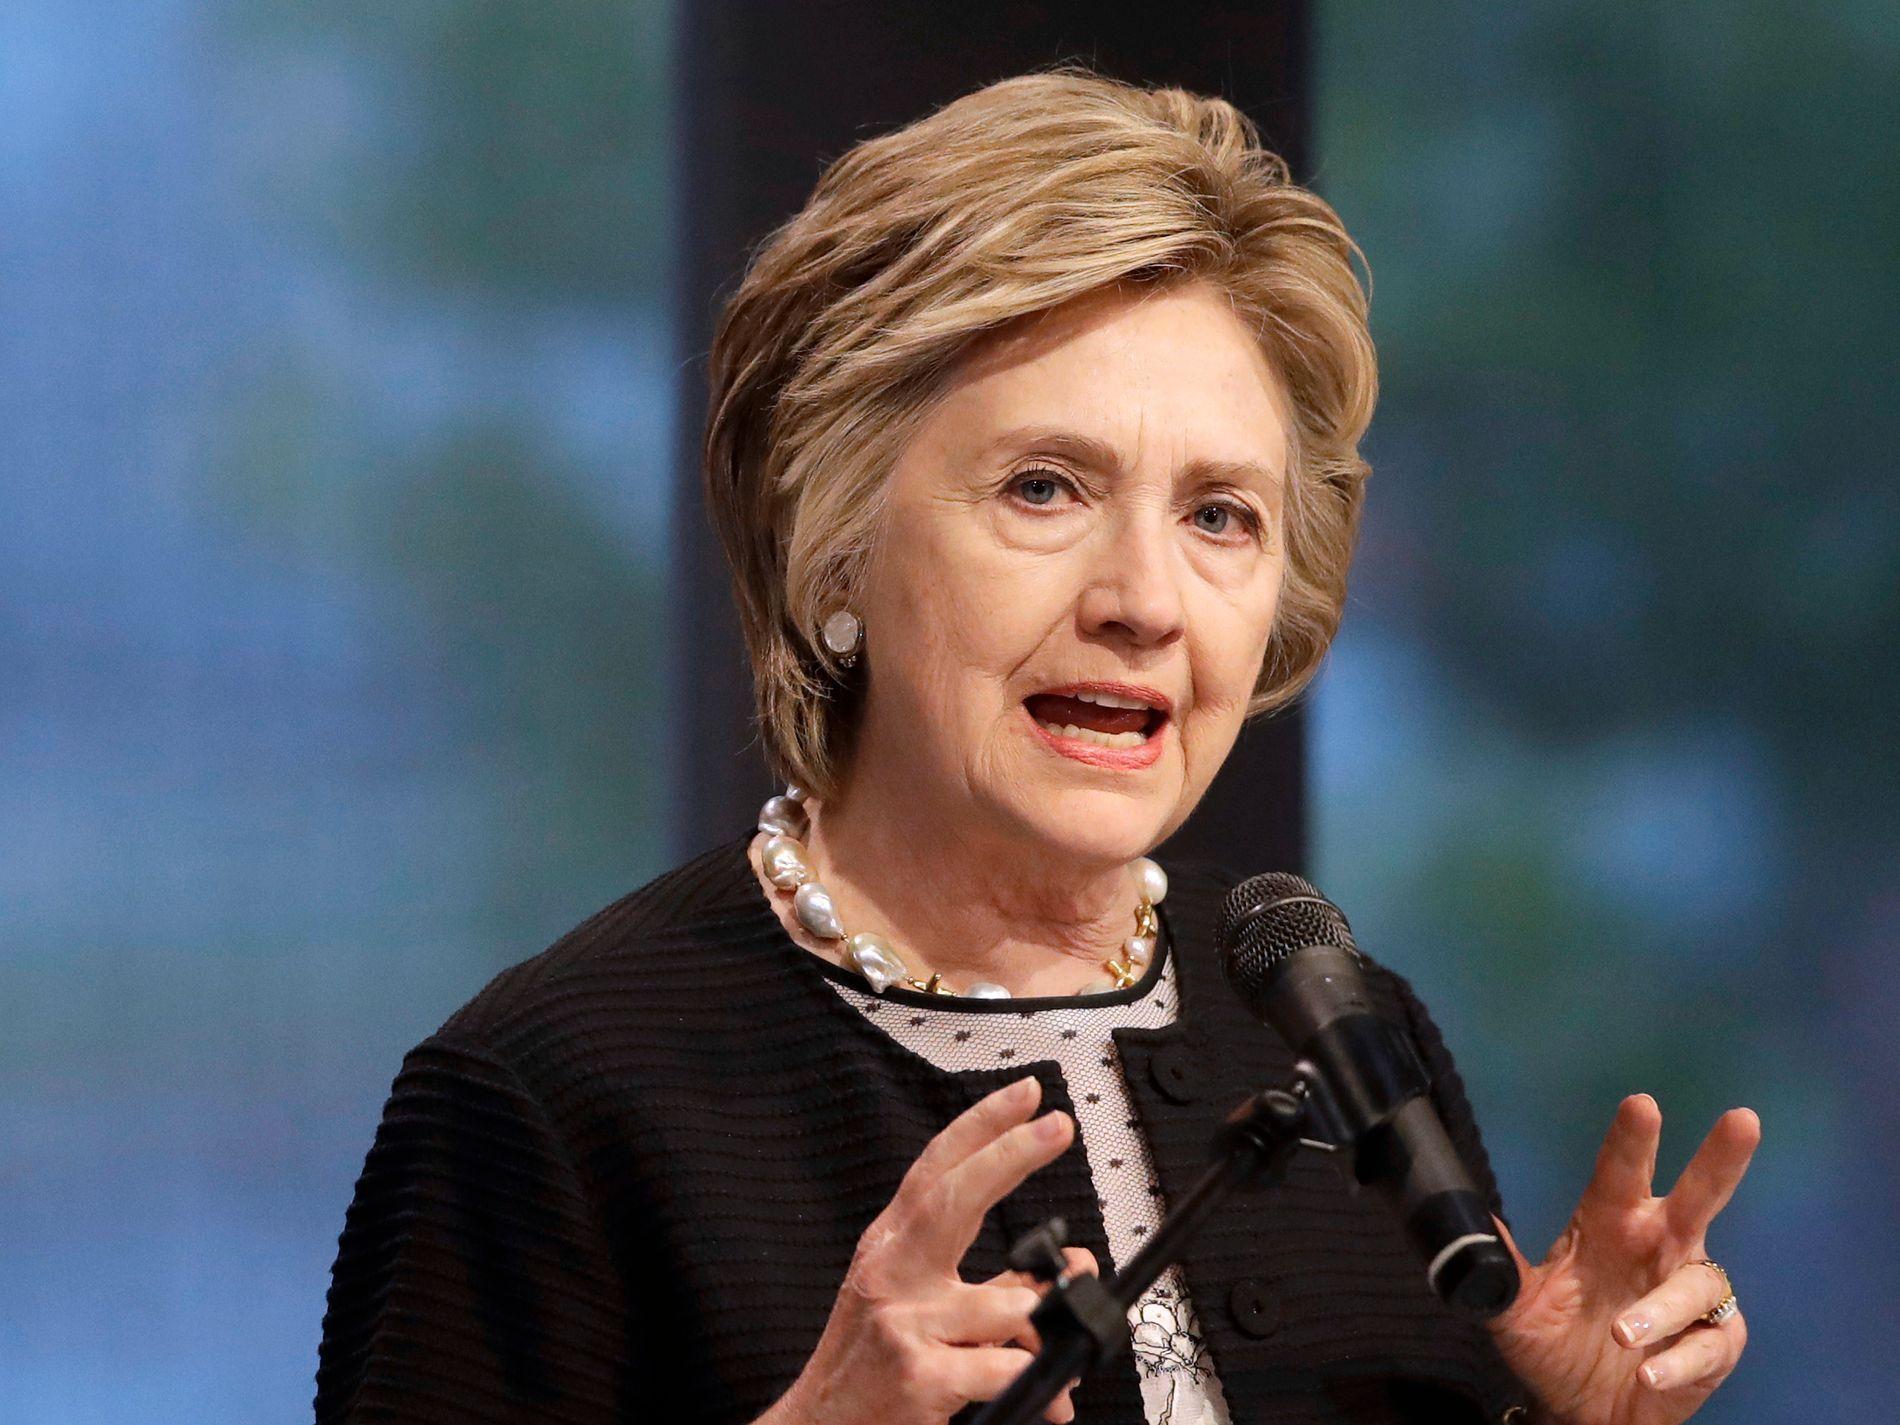 REDSKAP: I et australsk TV-intervju som ble sendt tidligere i kveld beskylder Hillary Clinton Wikileaks-gründer Julian Assange for å være et redskap for russisk etterretning og Vladimir Putin. Foto: AP